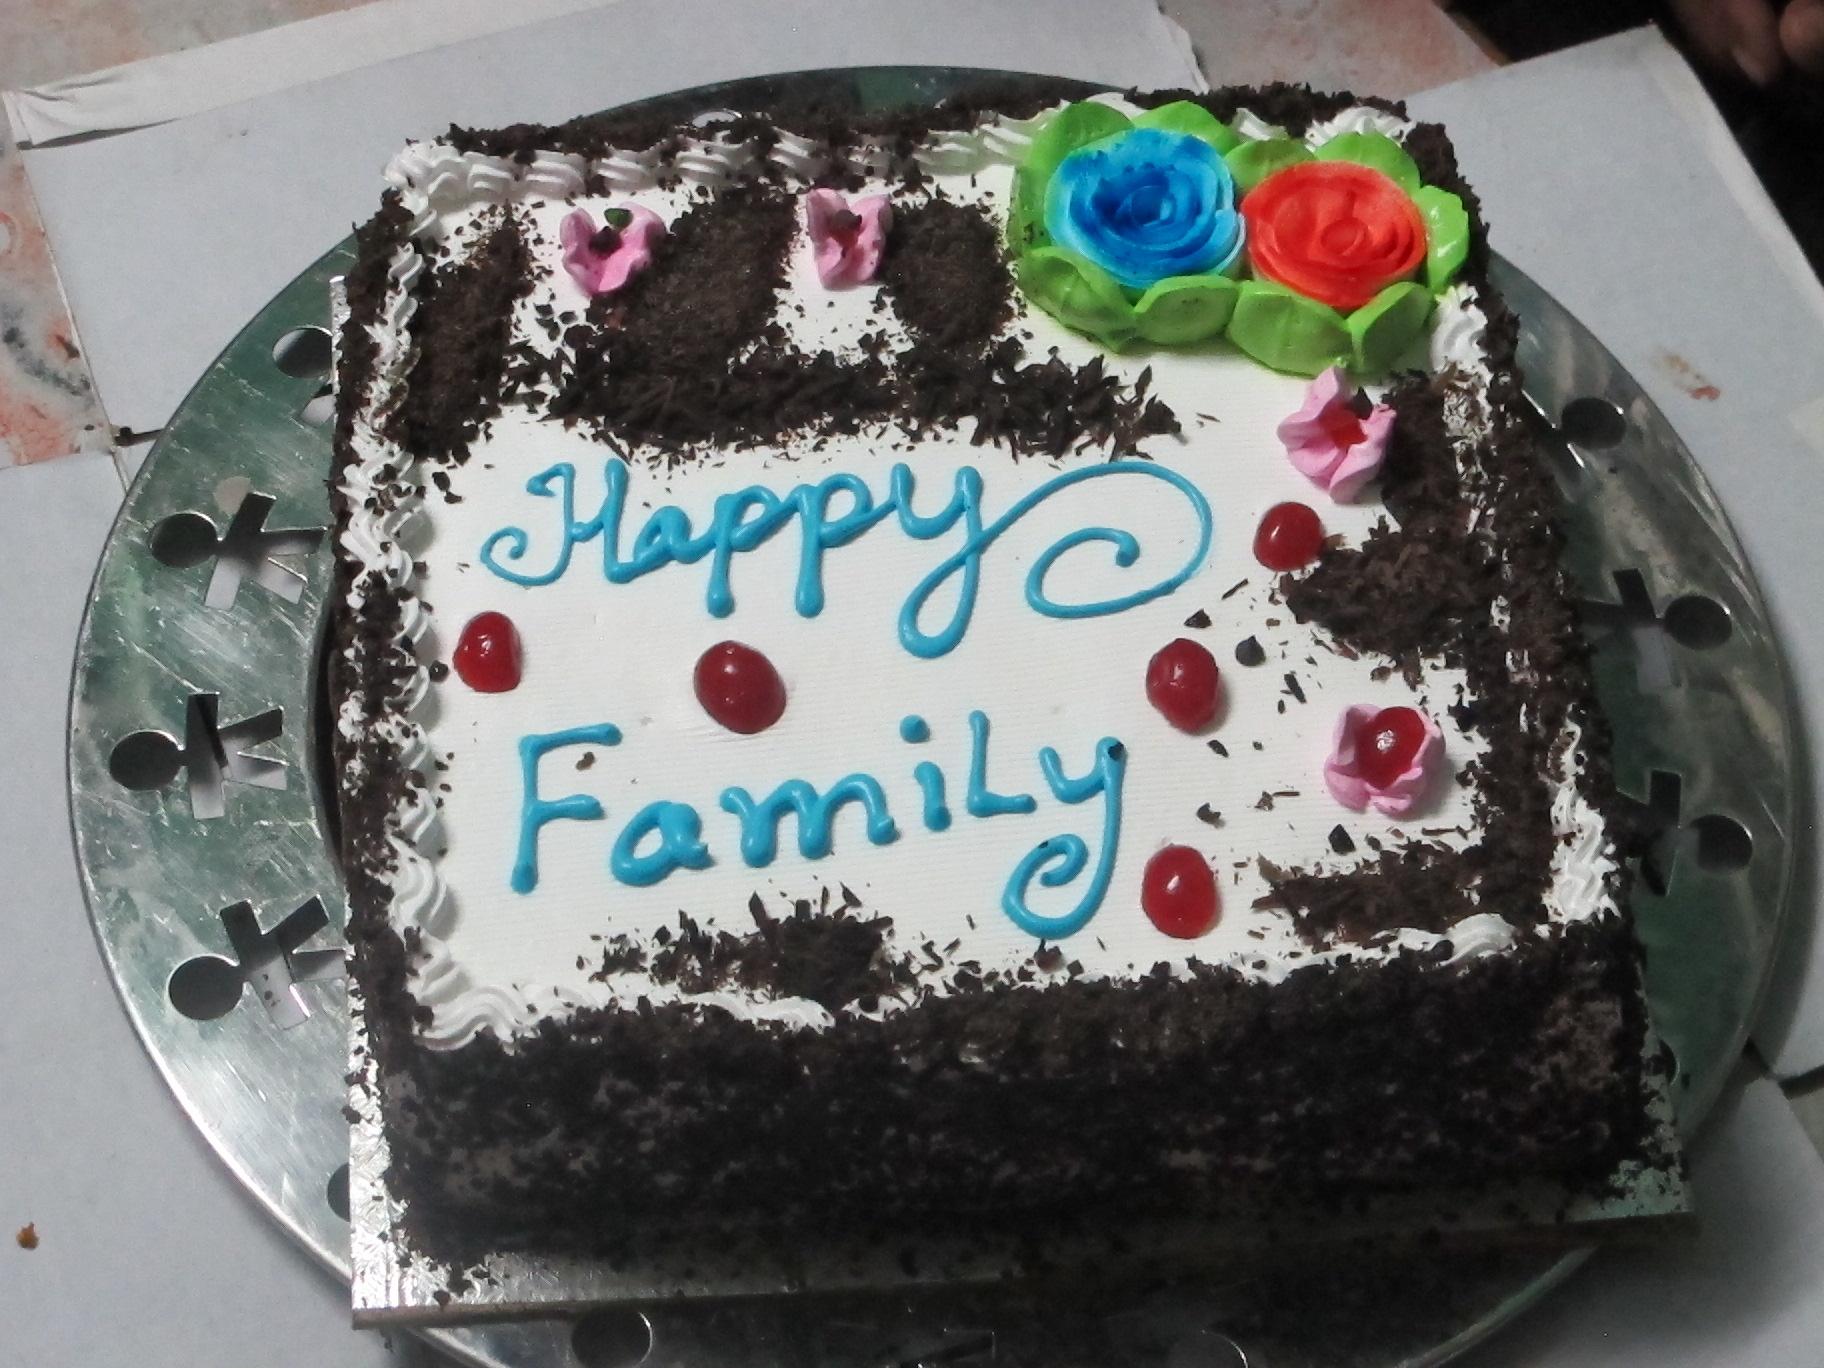 Mit allen Kindern und Erwachsenen wird Geburtstag für Alle gefeiert am Ende meines Aufenthaltes.